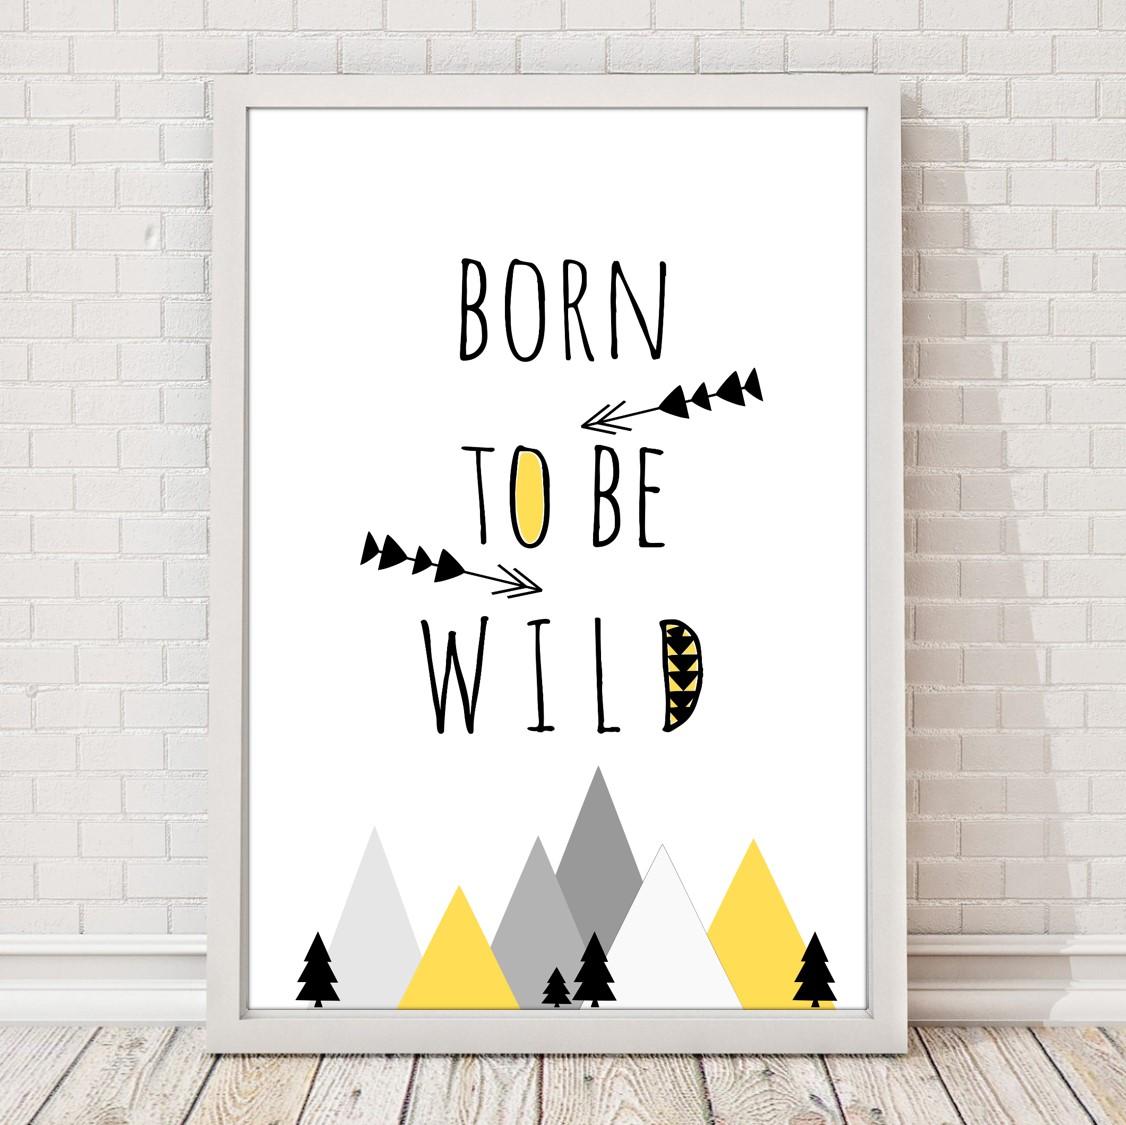 Plakat Obrazek Do Pokoju Dziecka Be Wild Jagodowykot